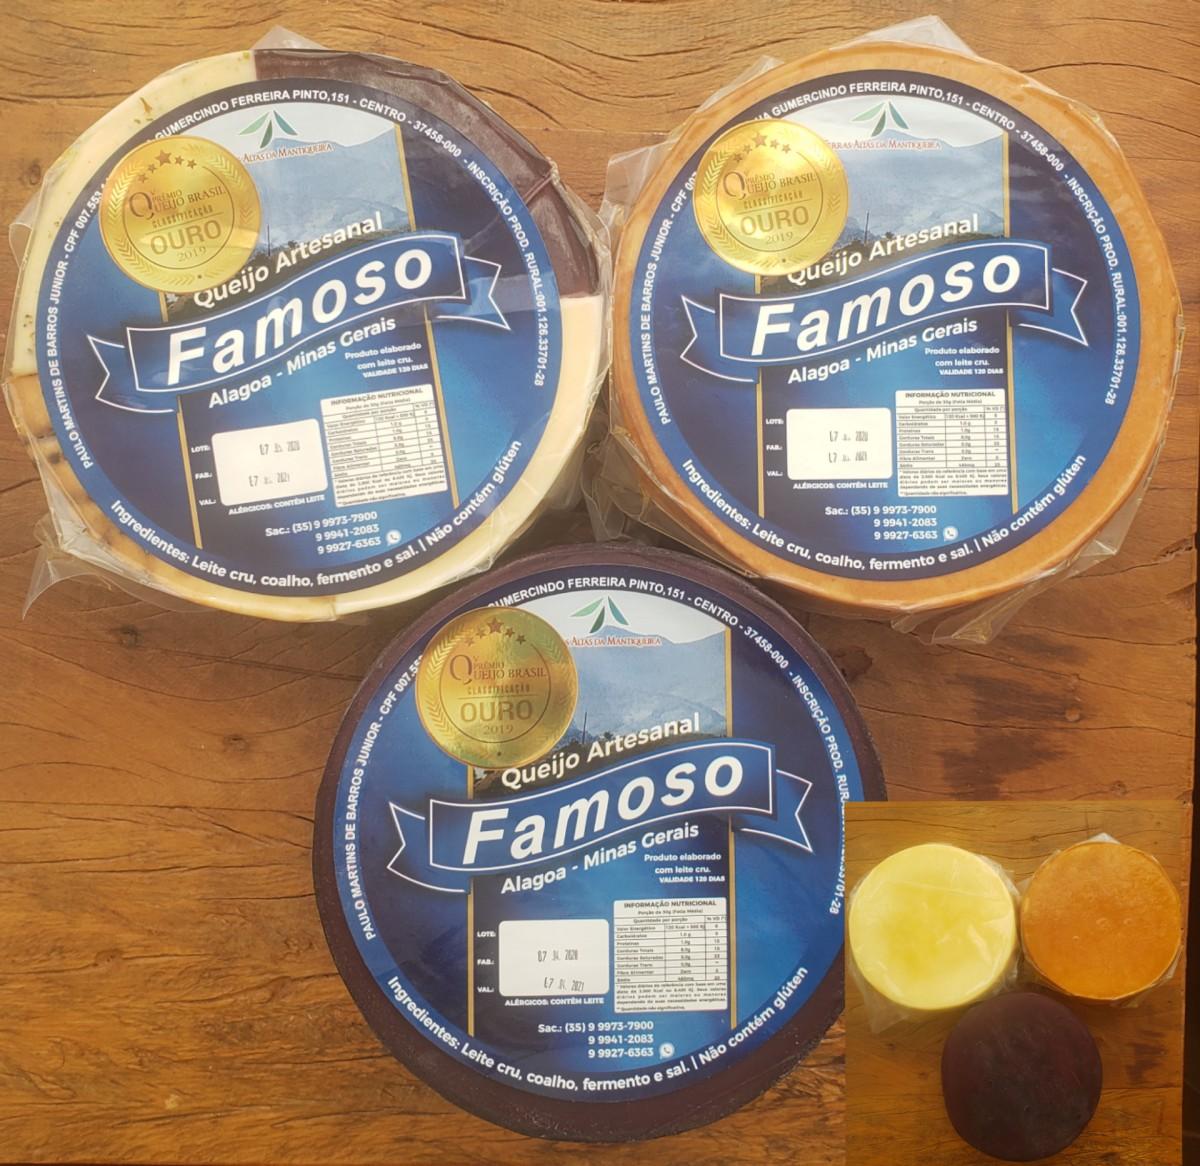 Foto 1 - TRIO MAGNÍFICO - 3 queijos artesanais ALAGOA - DEFUMANDO, AO VINHO E 4 SABORES - 1 KG cada peça